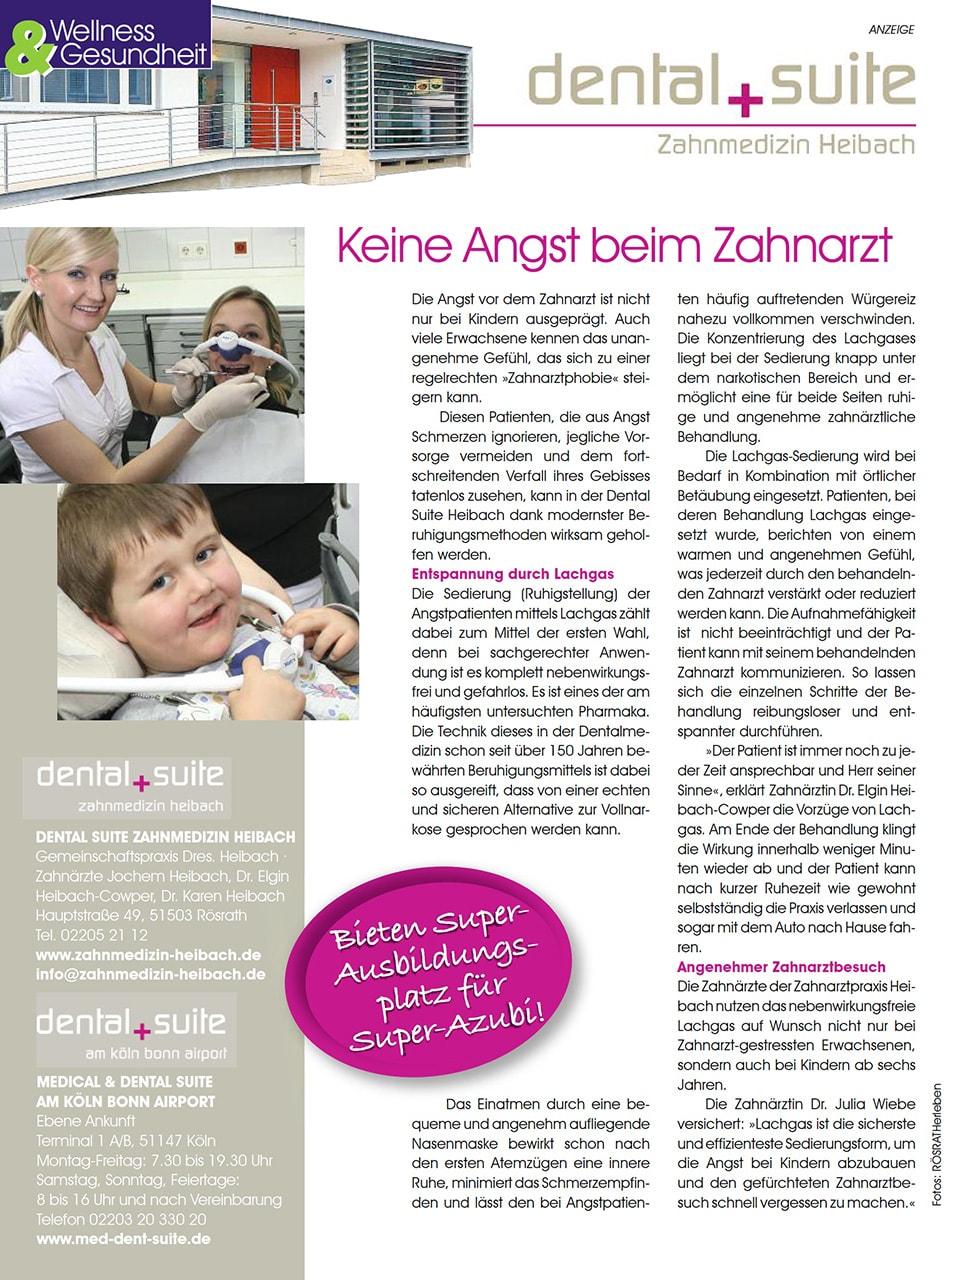 Z-MVZ dental suite - Pressemitteilung: Keine Angst beim Zahnarzt